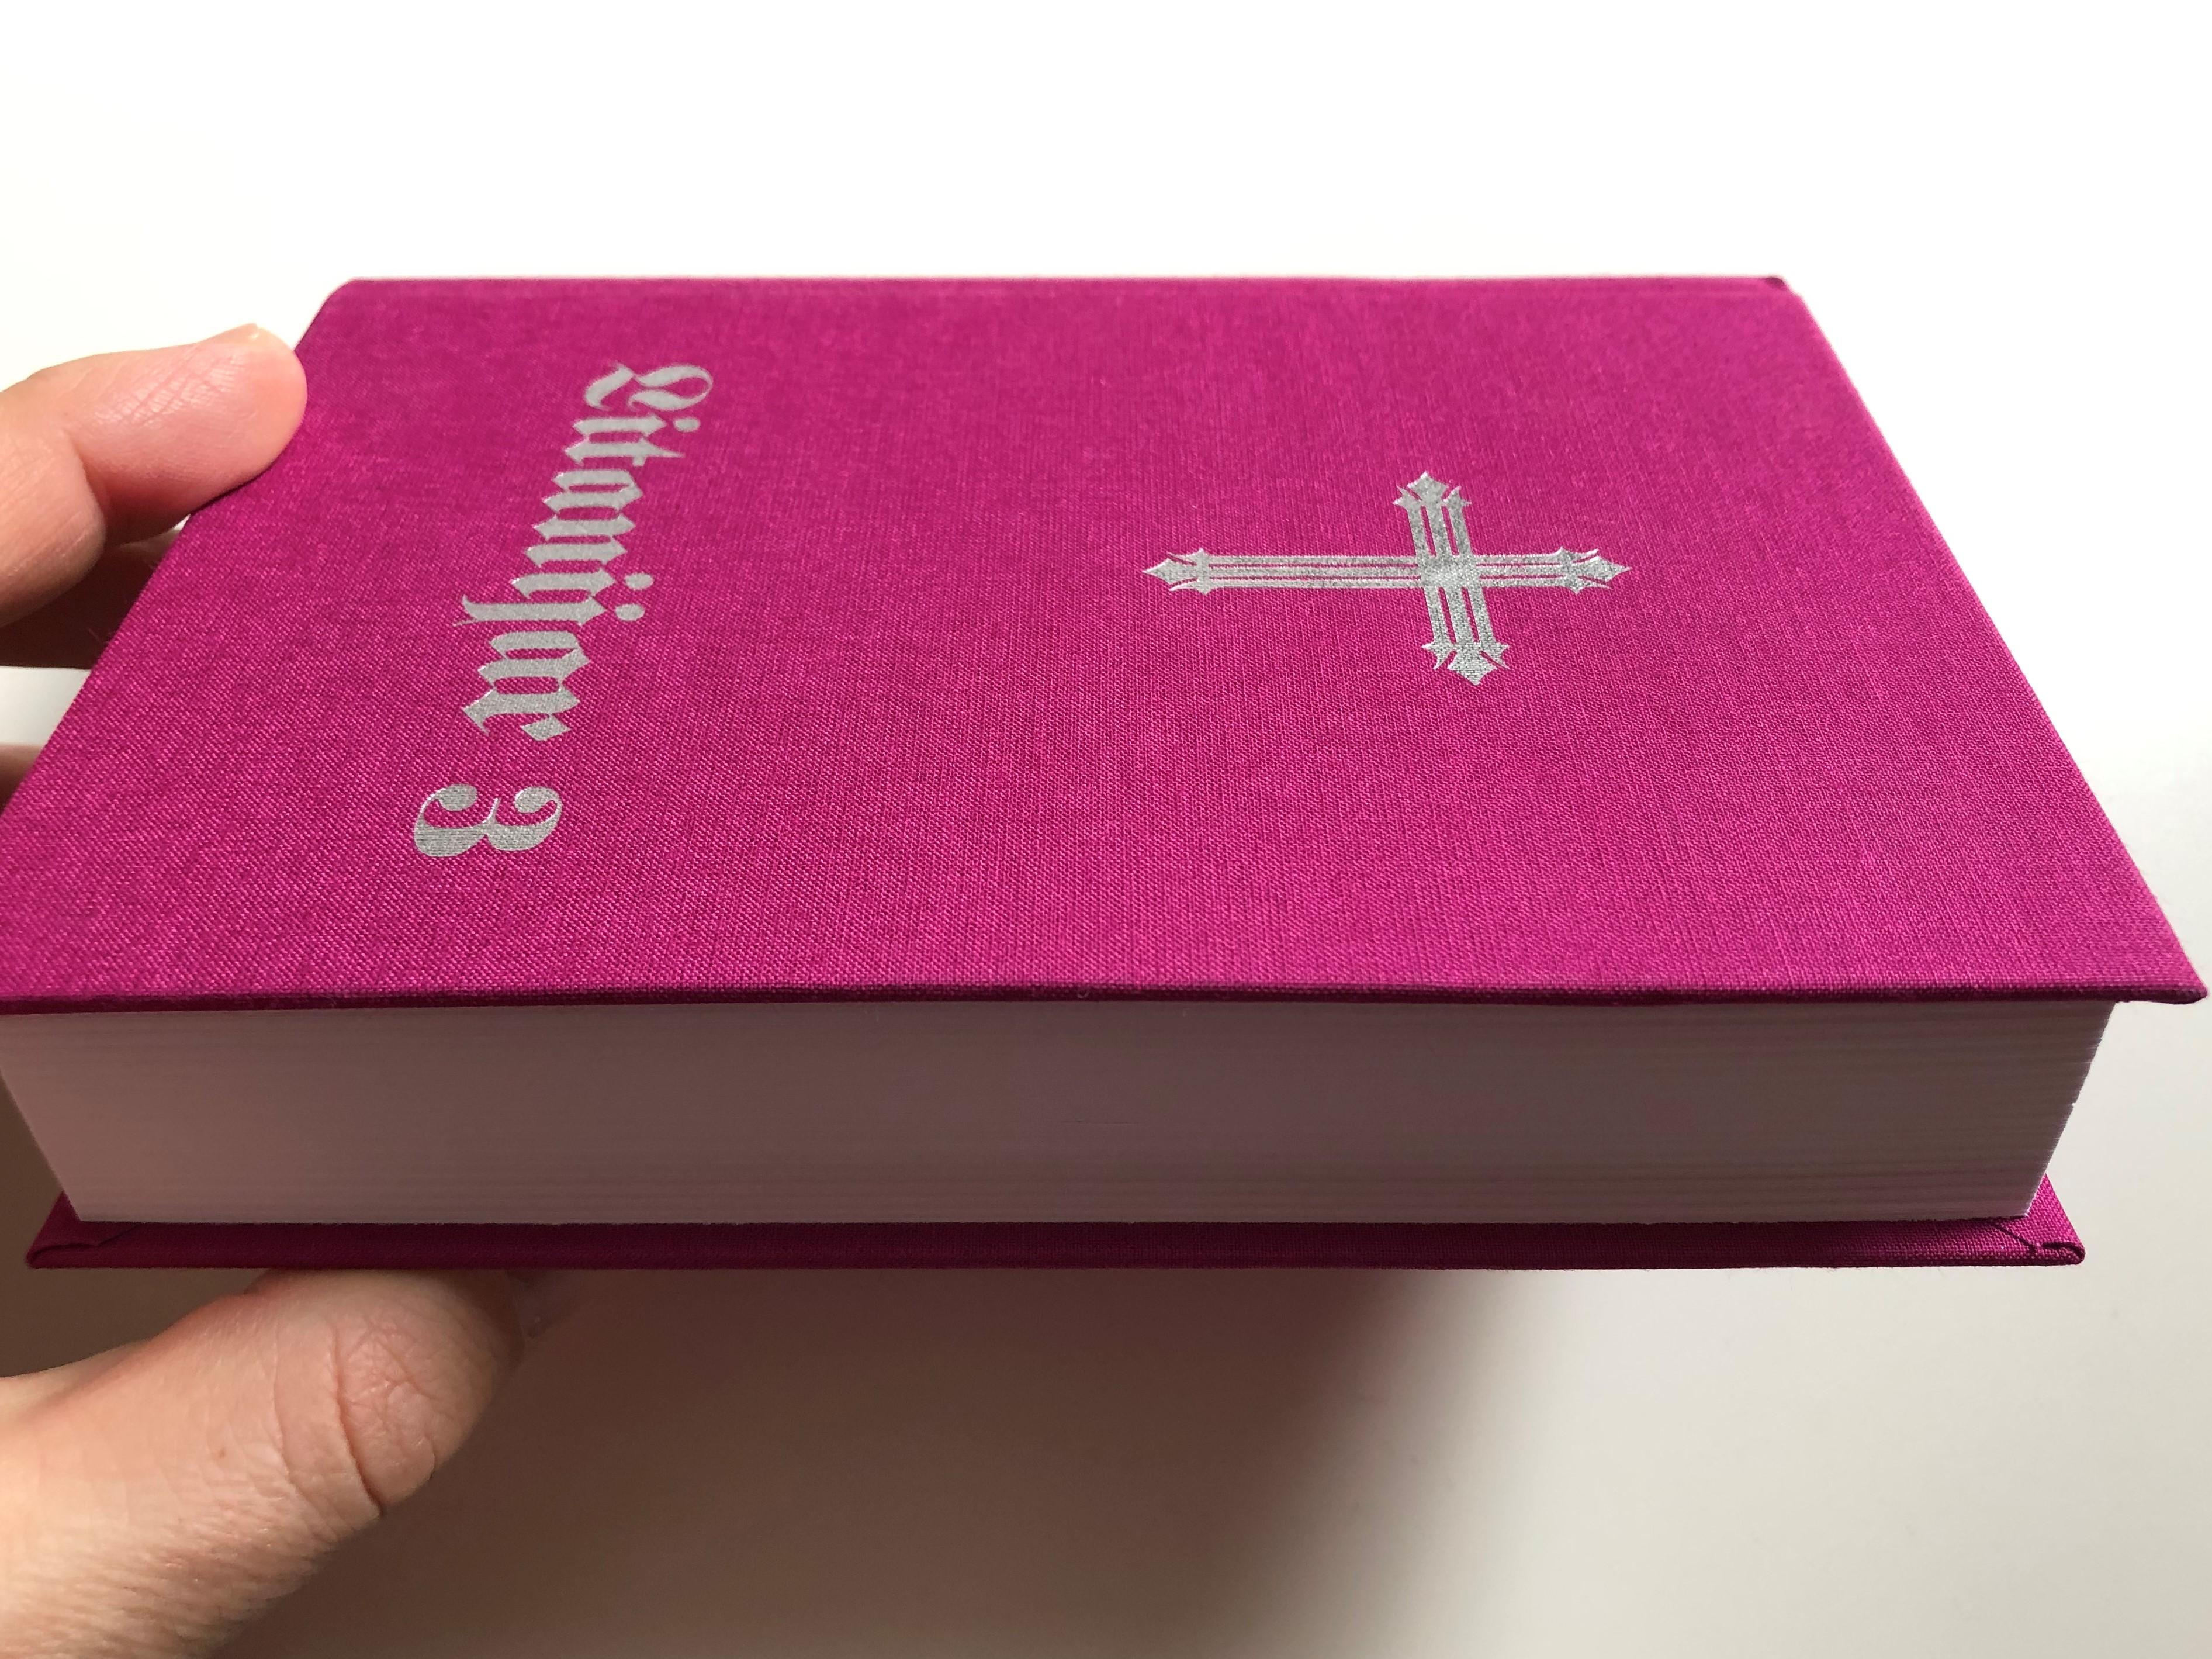 -litanijar-3-tre-e-dopunjeno-izdanje-croatian-language-catholic-litany-book-15.jpg